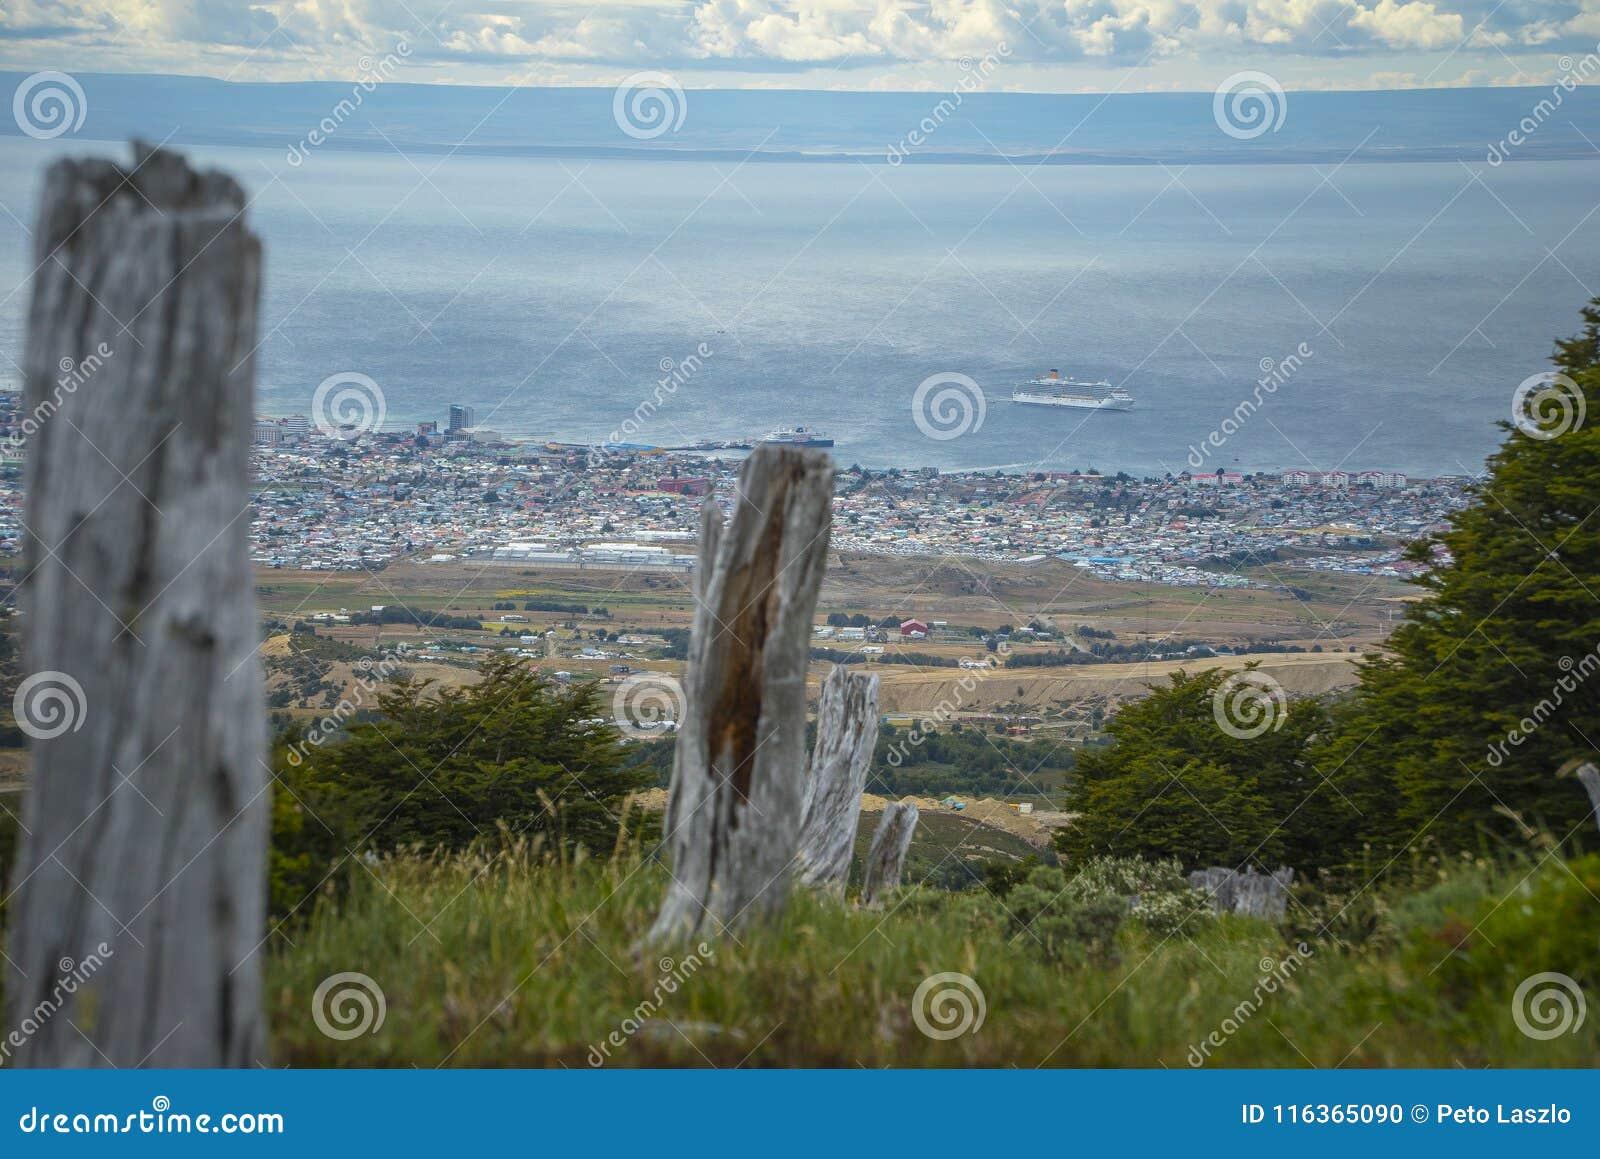 Paesaggio di Puerto Chacabuco